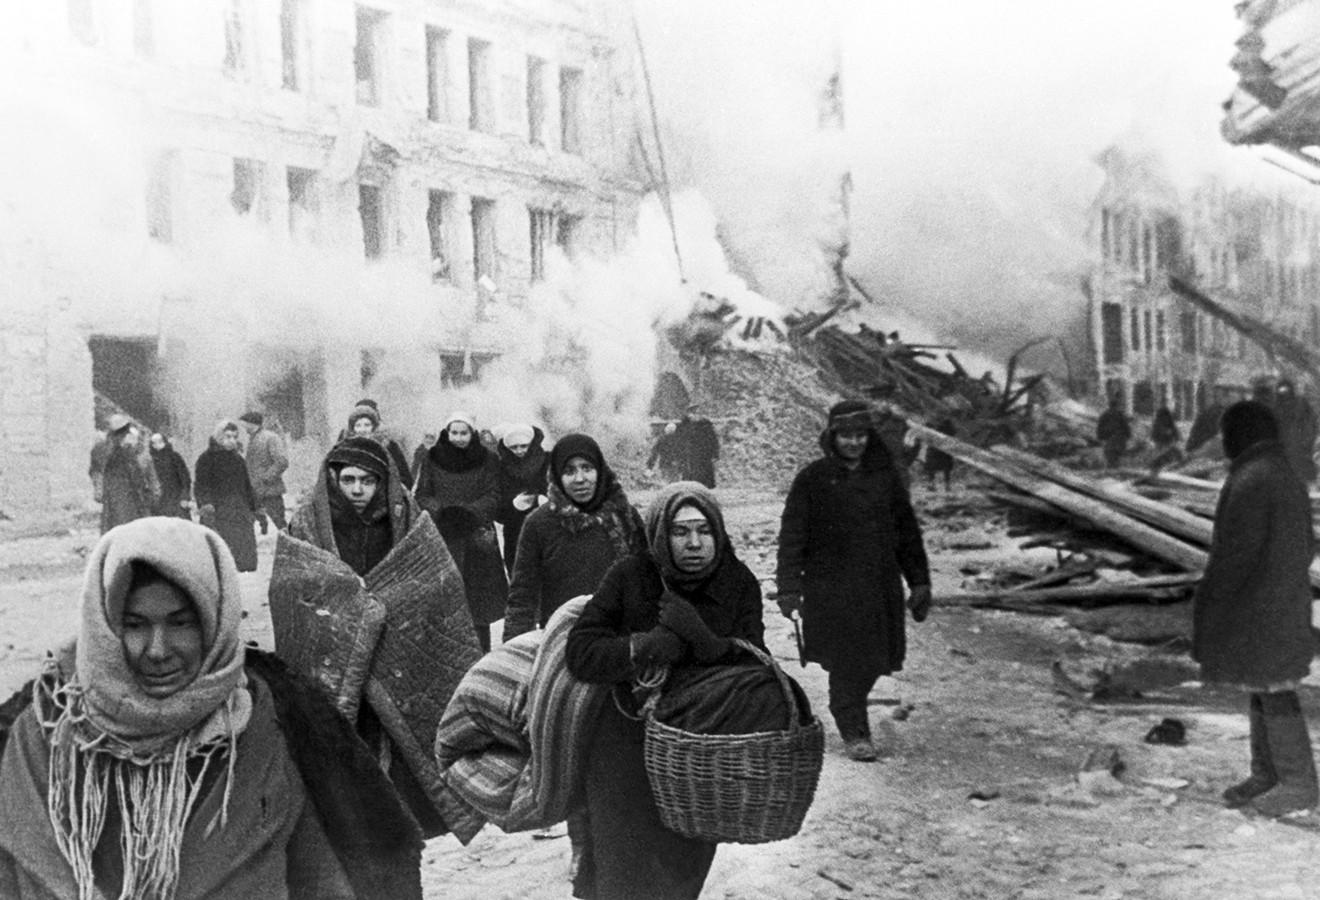 Жители блокадного Ленинграда покидают разрушенные дома. Декабрь 1941 года                                                       © ТАСС